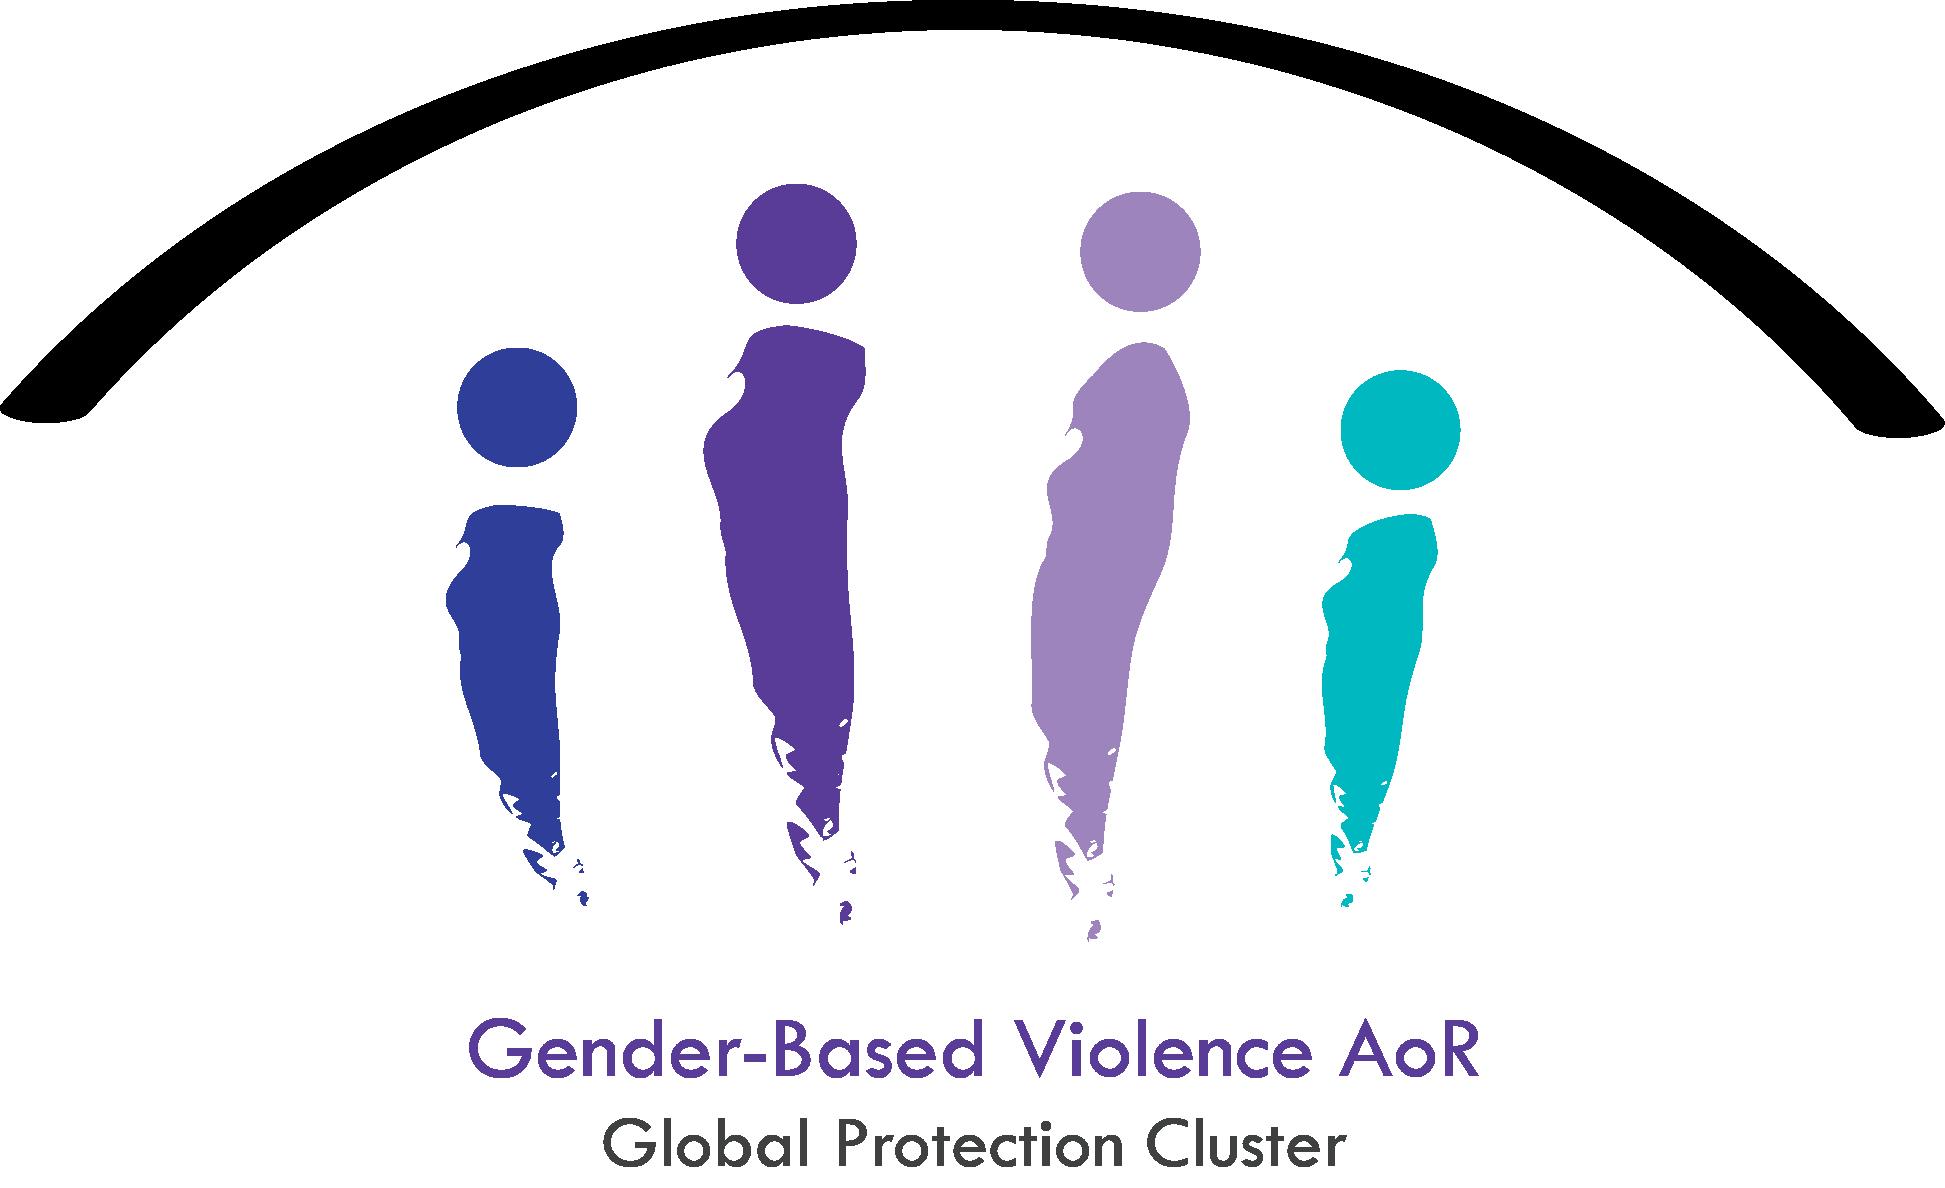 GBV-AoR logo, Gender-Based Violence Area of Responsibility